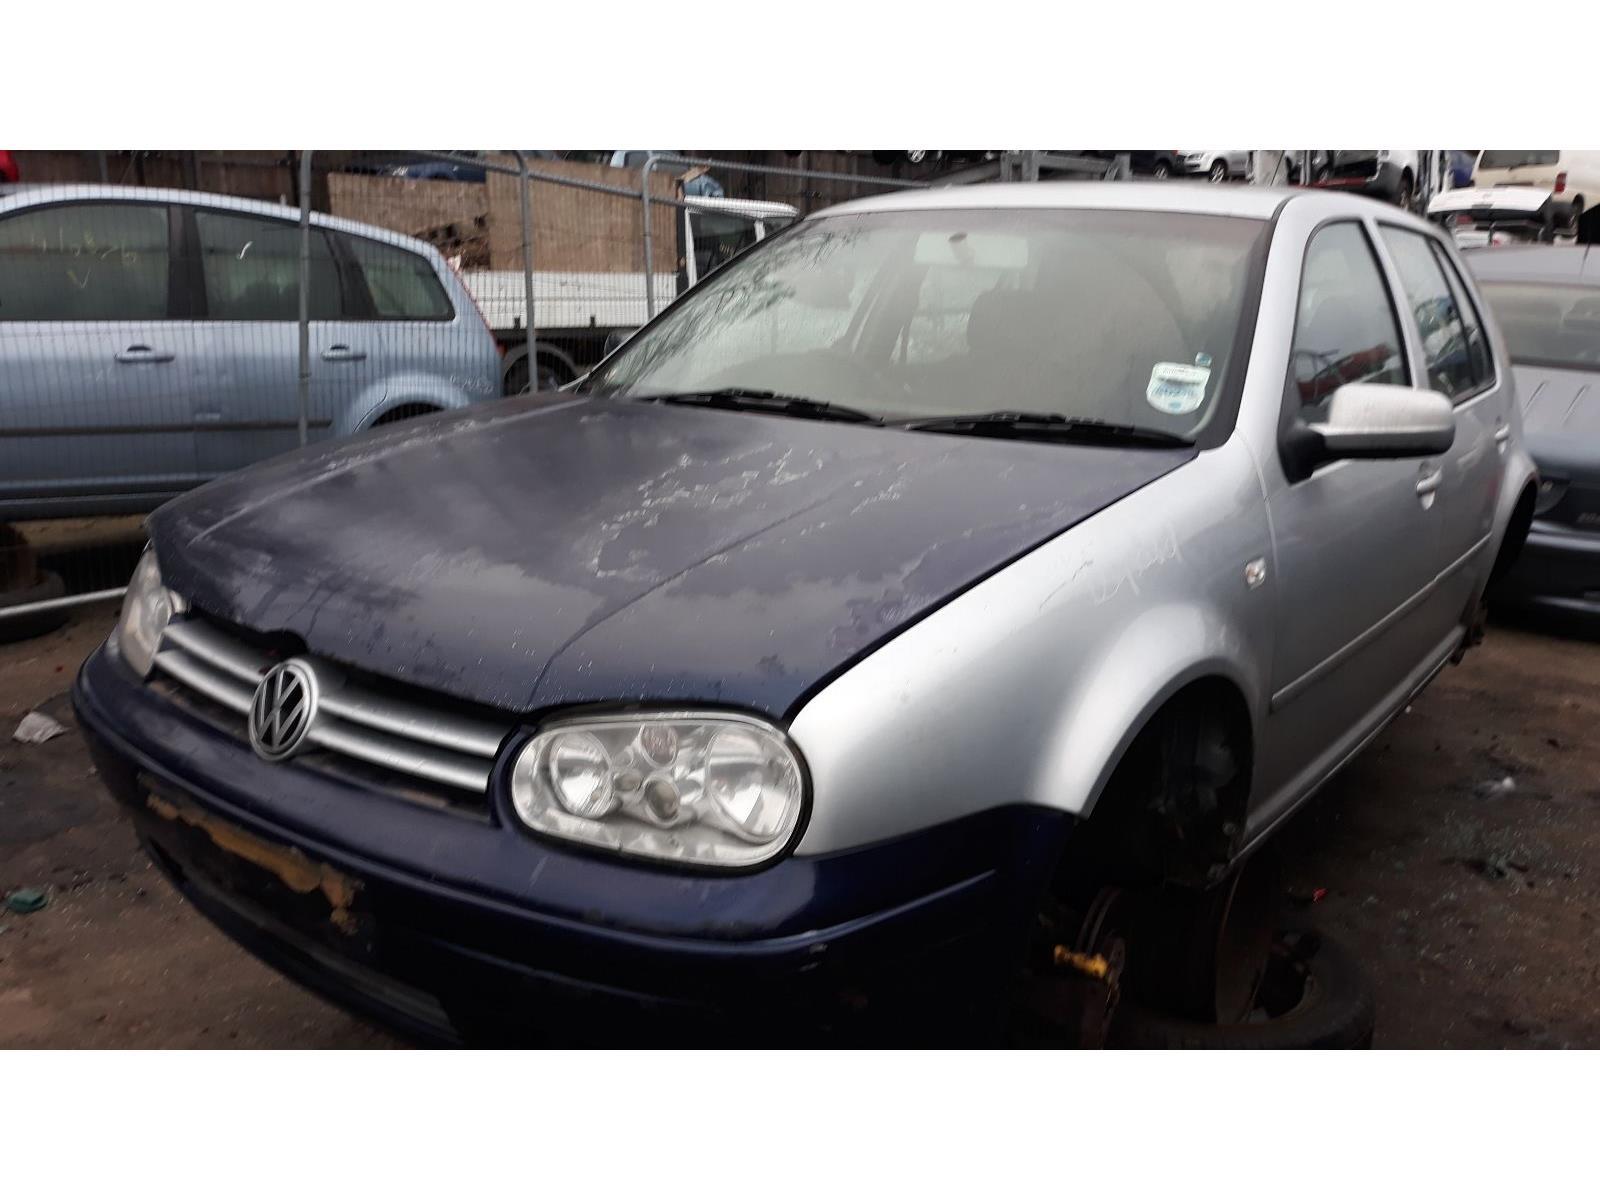 Volkswagen Golf Mk4 1997 To 2003 Pd Gt Tdi 5 Door Hatchback Scrap Skoda Octavia Fuse Box 2014